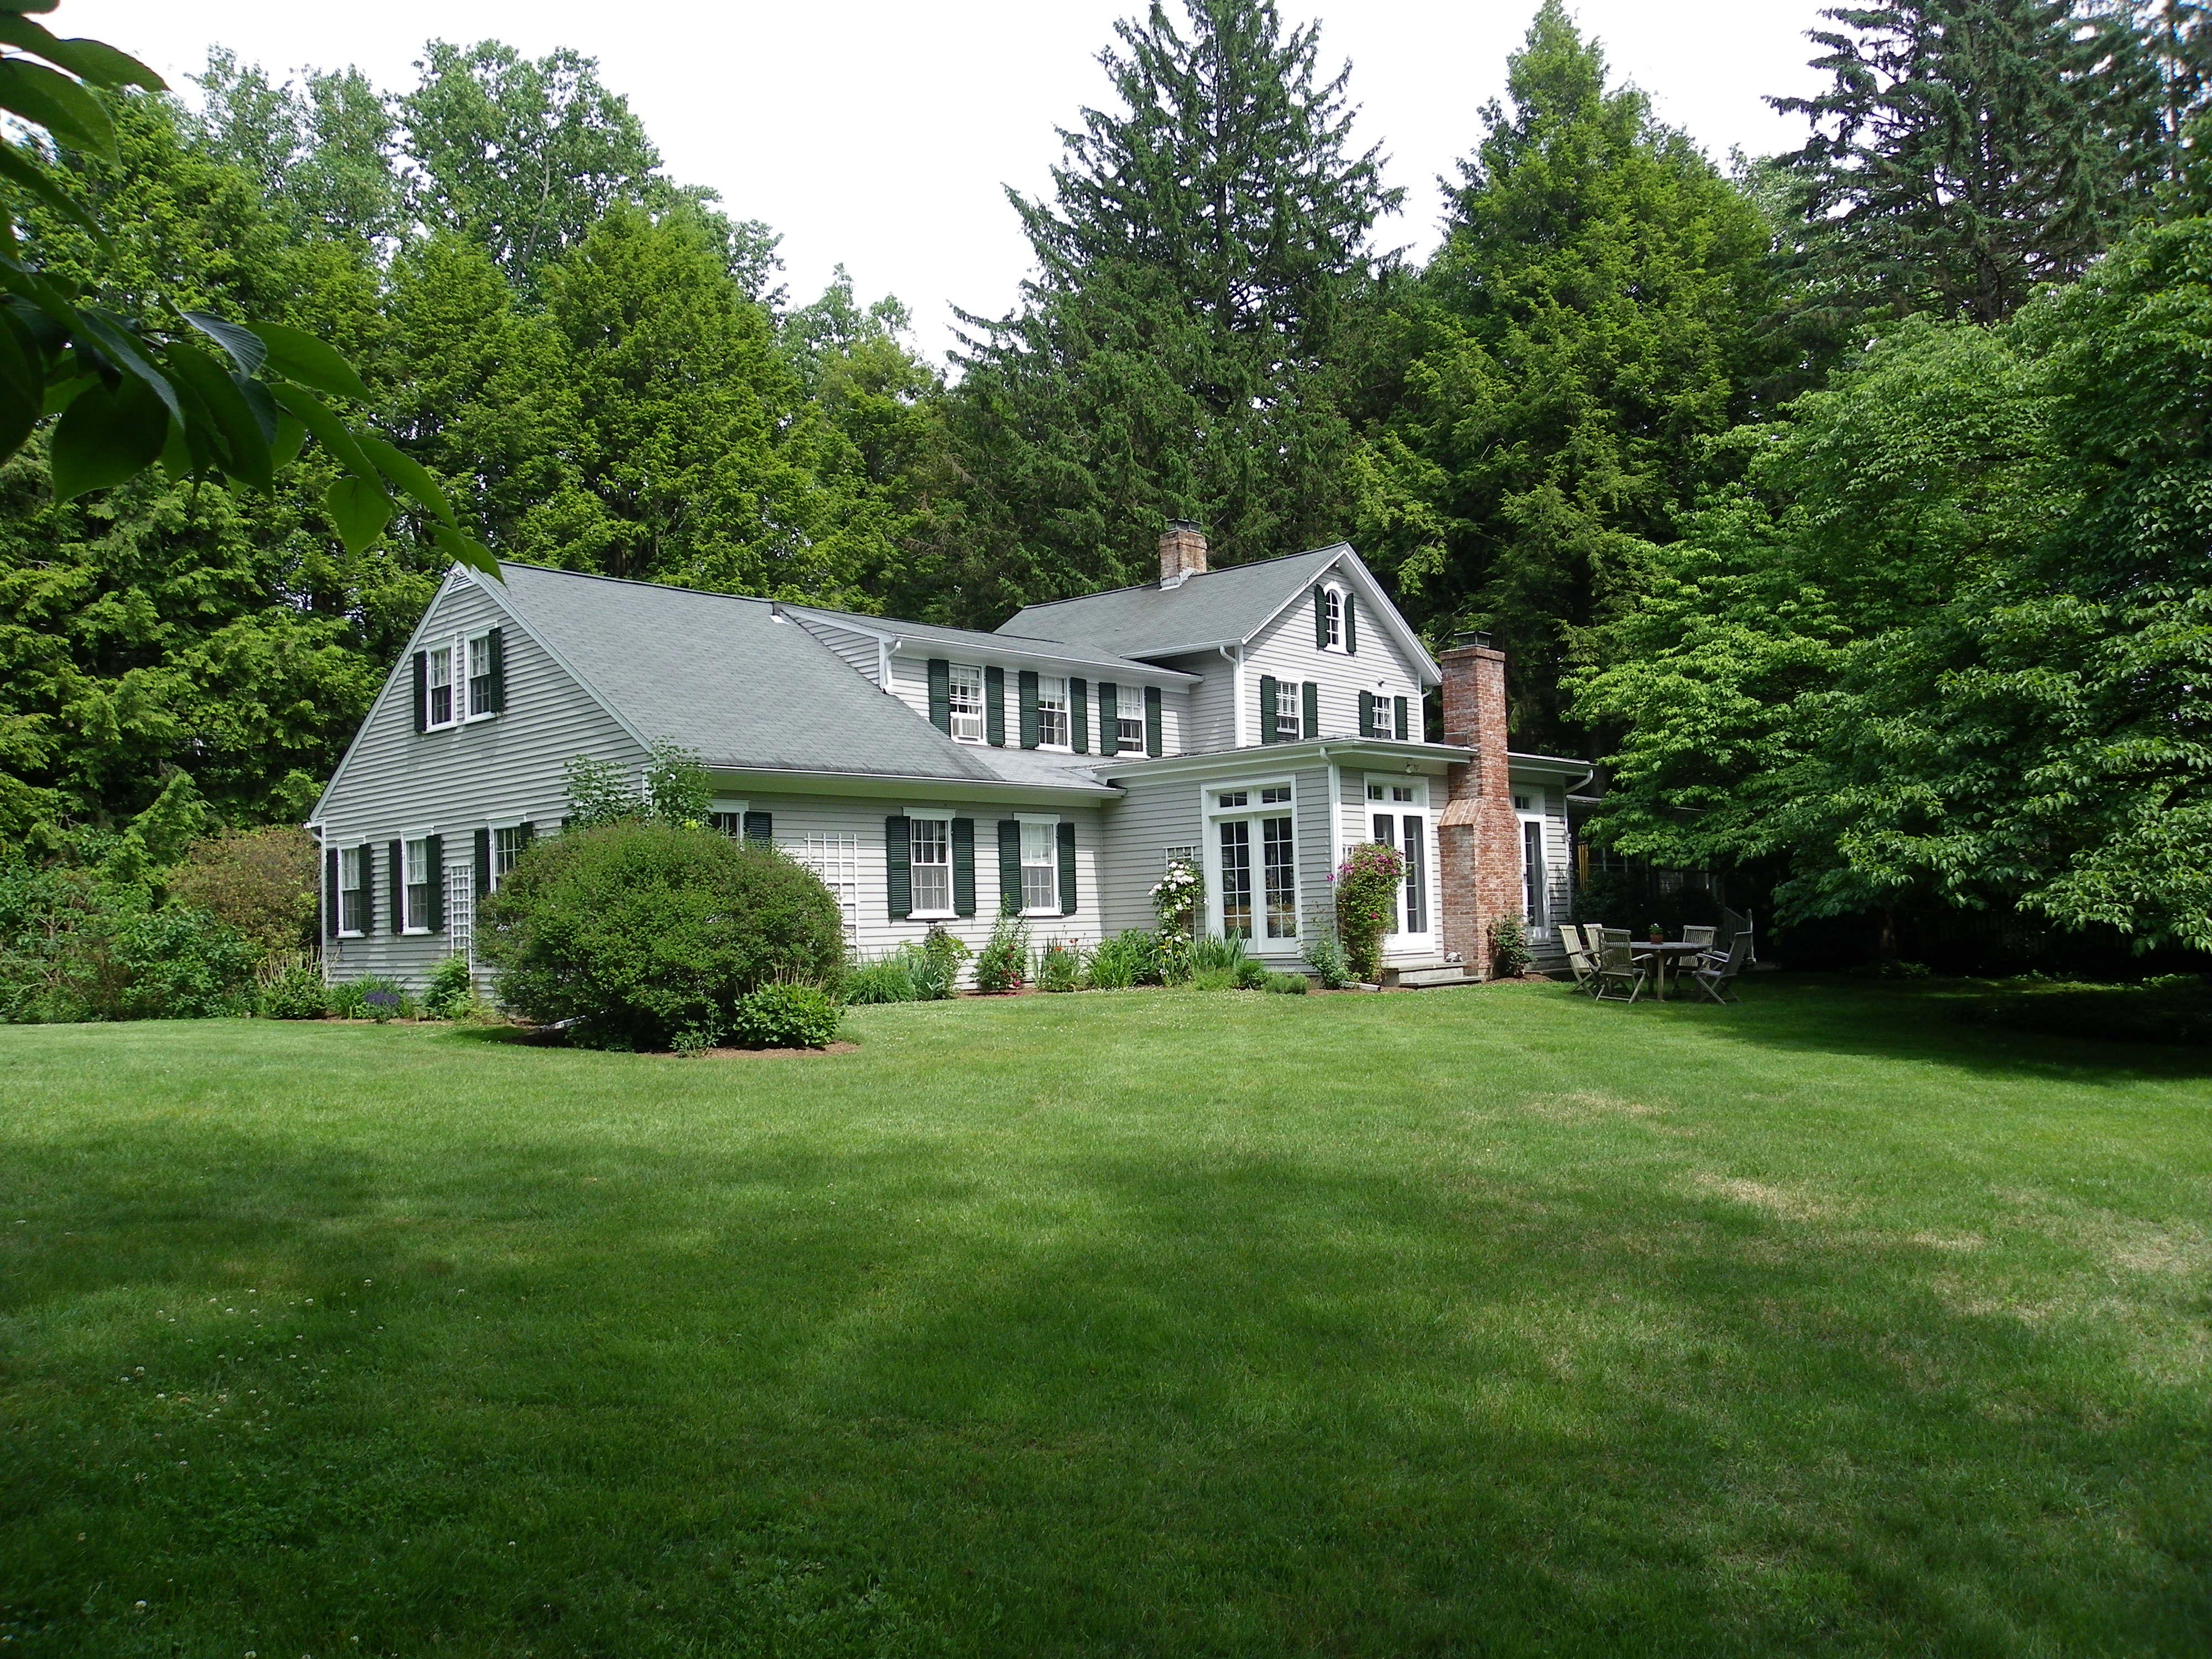 Casa Unifamiliar por un Venta en Farm House in Pastoral Setting 17 Old Rock Lane Norwalk, Connecticut 06850 Estados Unidos